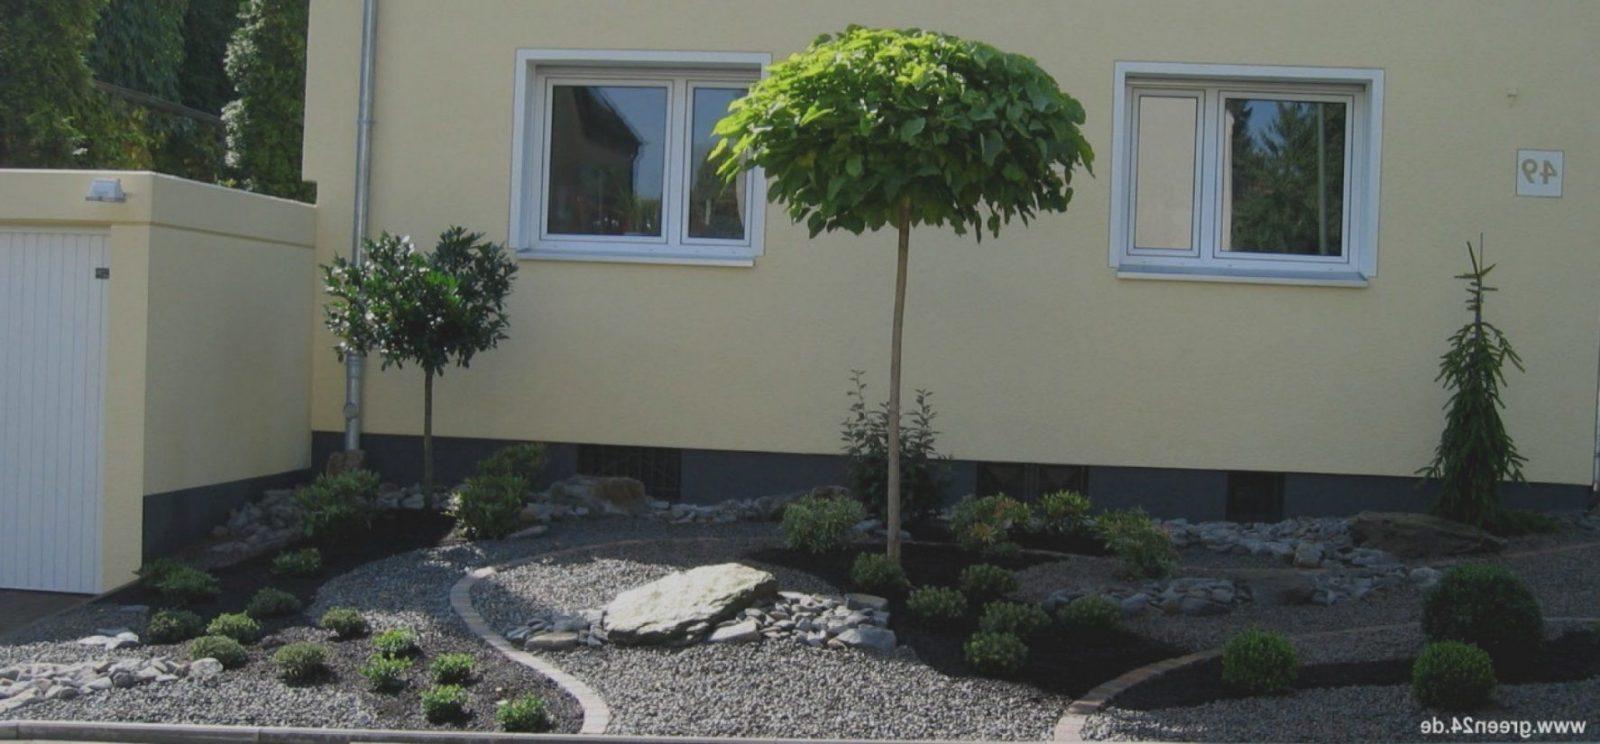 Bilder Reihenhaus Heim Verbesserungen Verlockend Vorgarten Gestalten von Vorgarten Gestalten Reihenhaus Ideen Photo